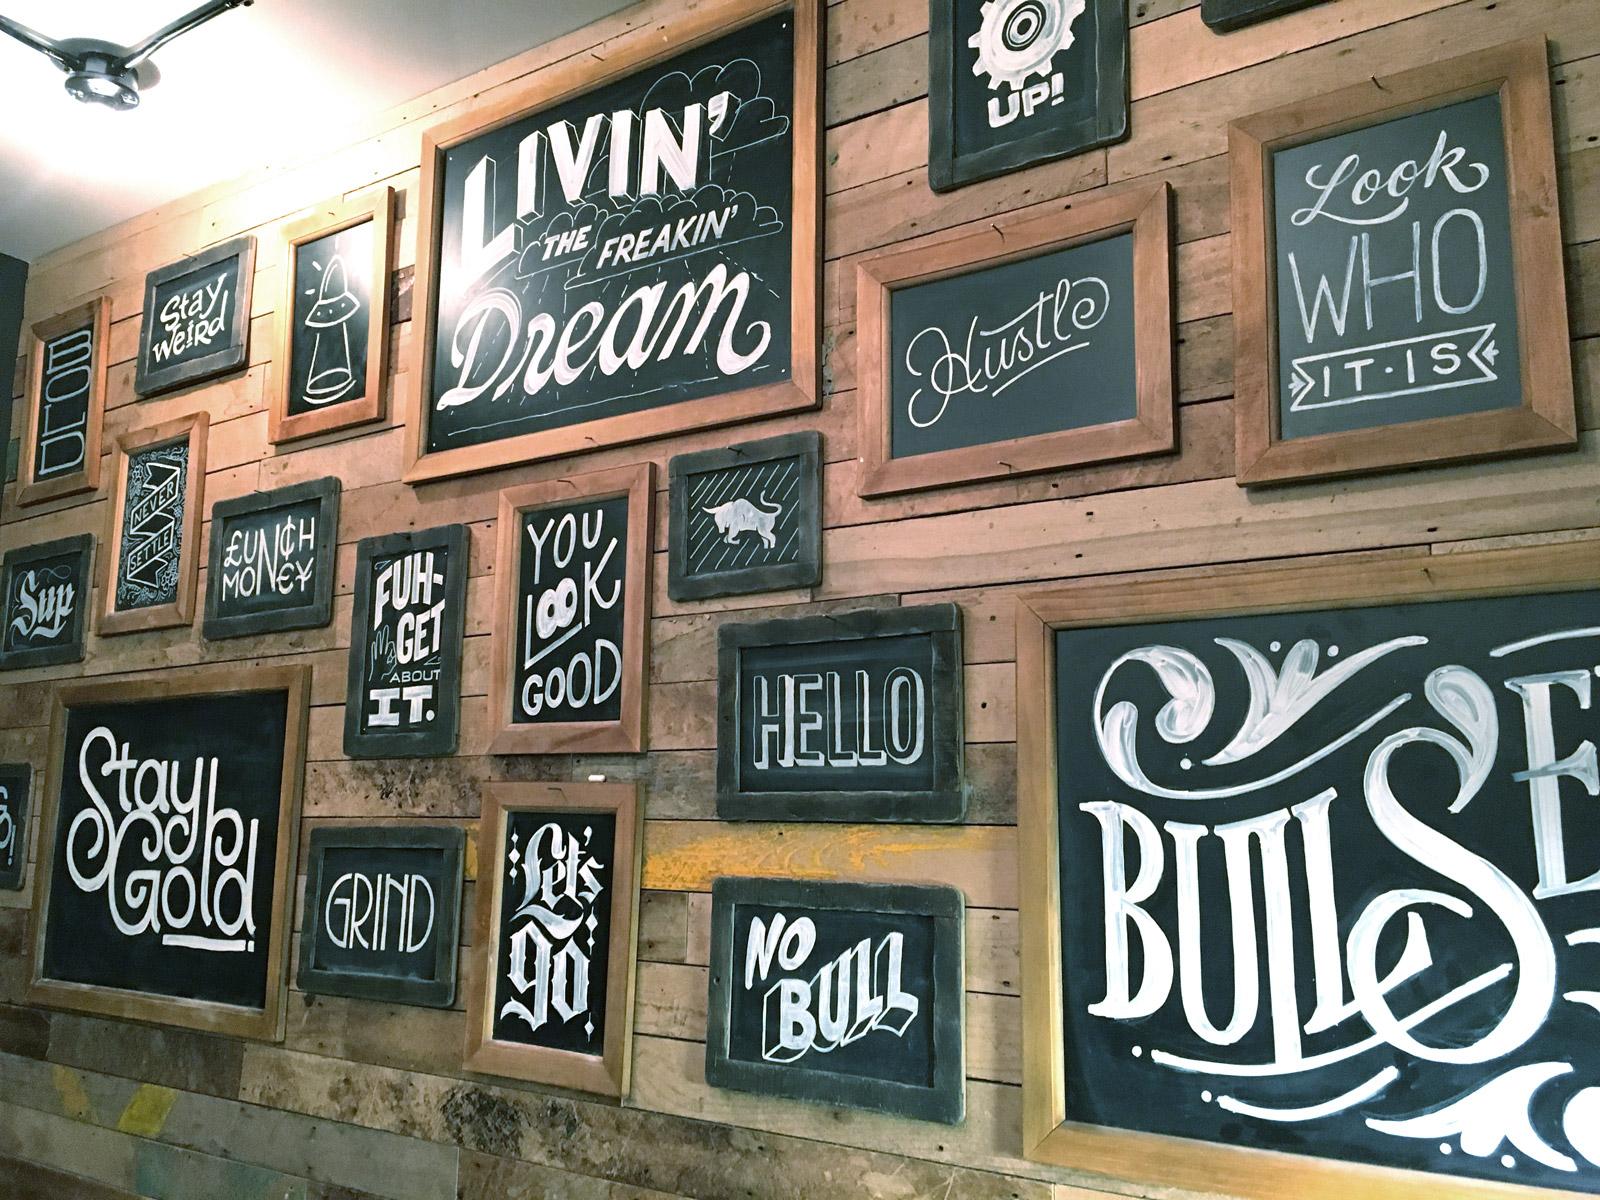 Efdot_WeWorkChargingBull-chalkboards2.jpg